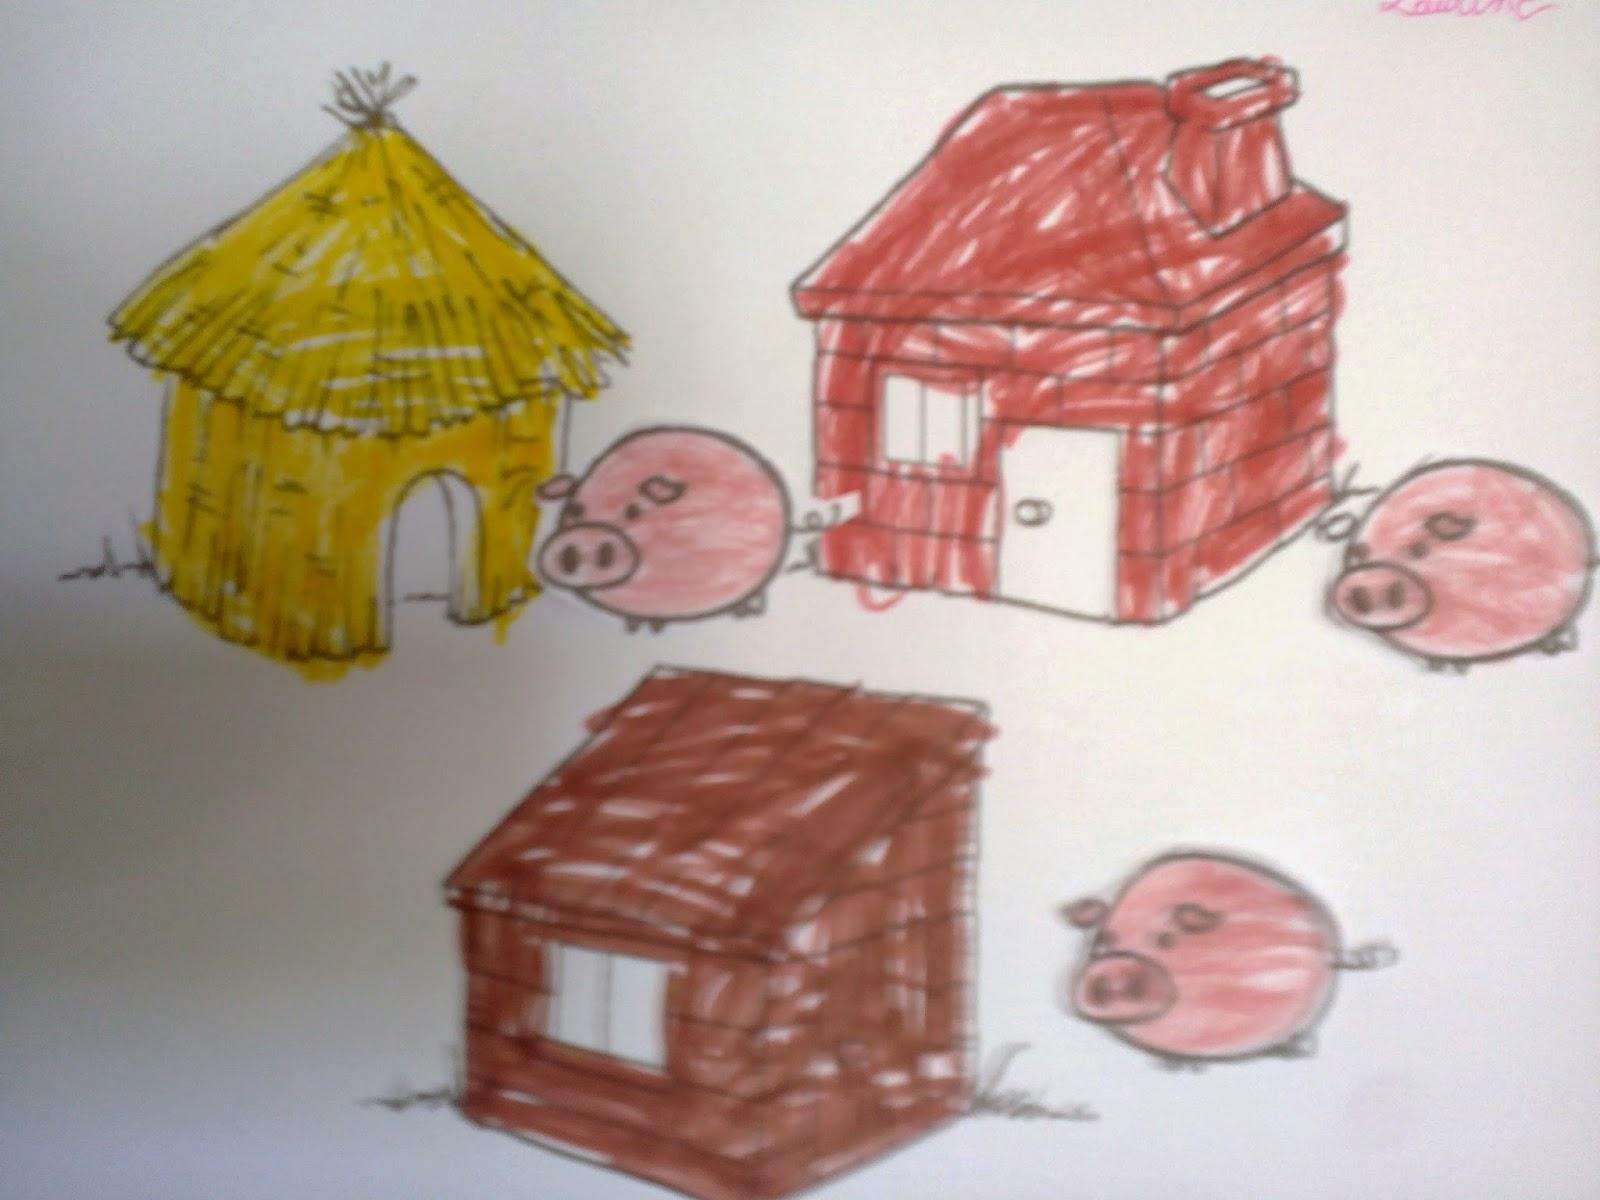 fripouilles et gribouilles collage les trois petits cochons